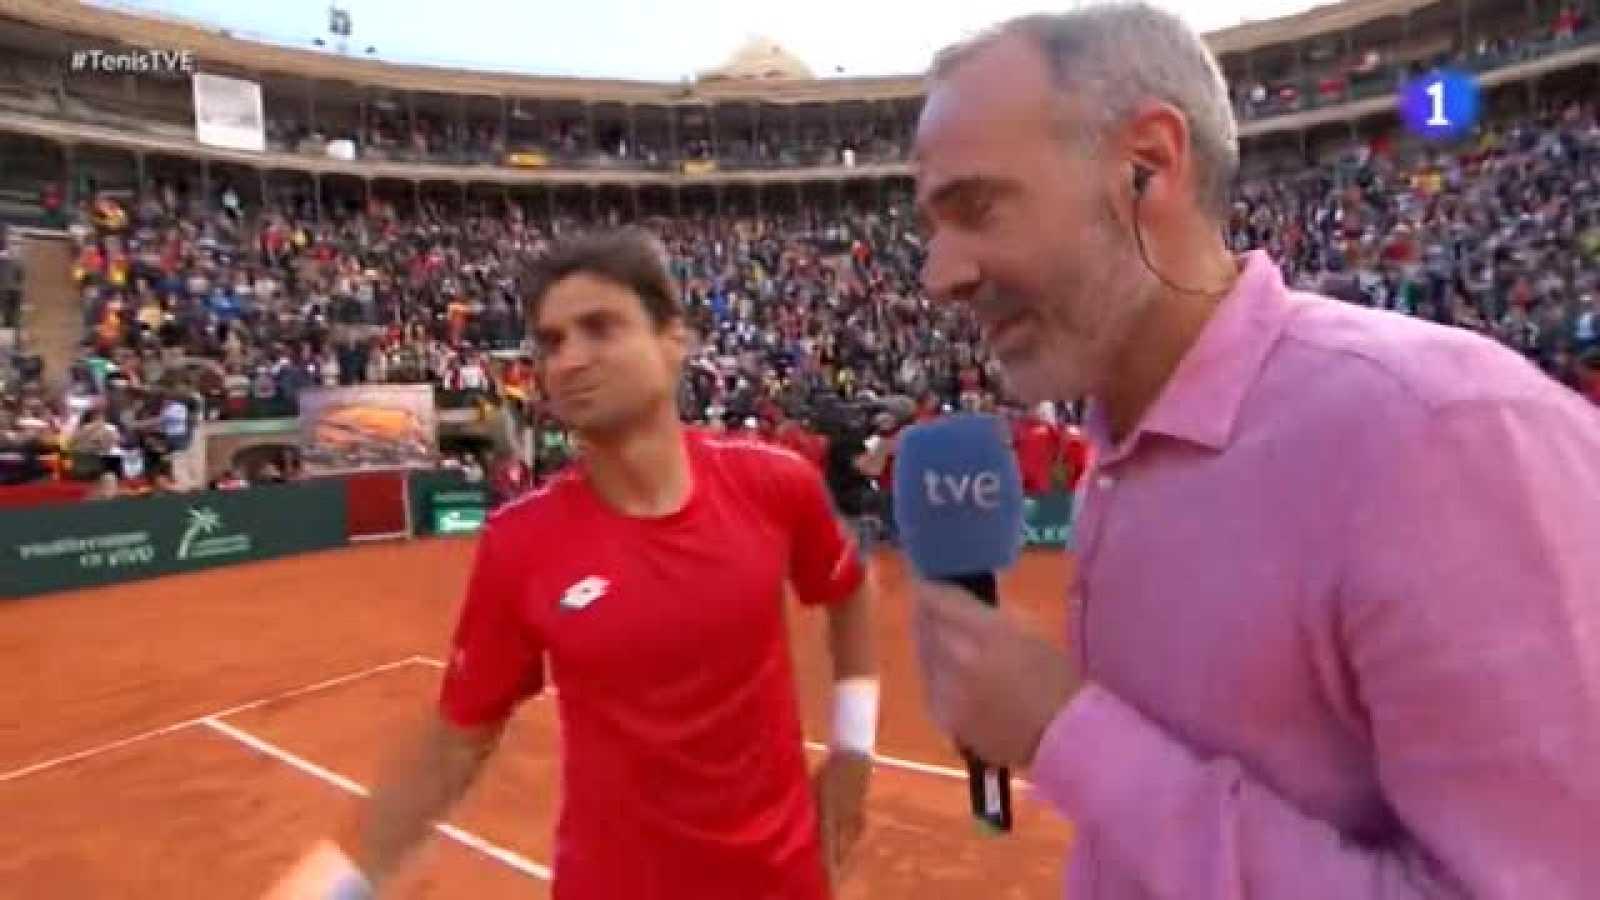 David Ferrer dio a España el quinto y definitivo punto de la eliminatoria de los cuartos de final de la Copa Davis, tras imponerse en un vibrante y reñido partido al alemán Philipp Kohlschreiber por 7-6(1), 3-6, 7-6(4), 4-6 y 7-5, tras 4 horas y 51 m